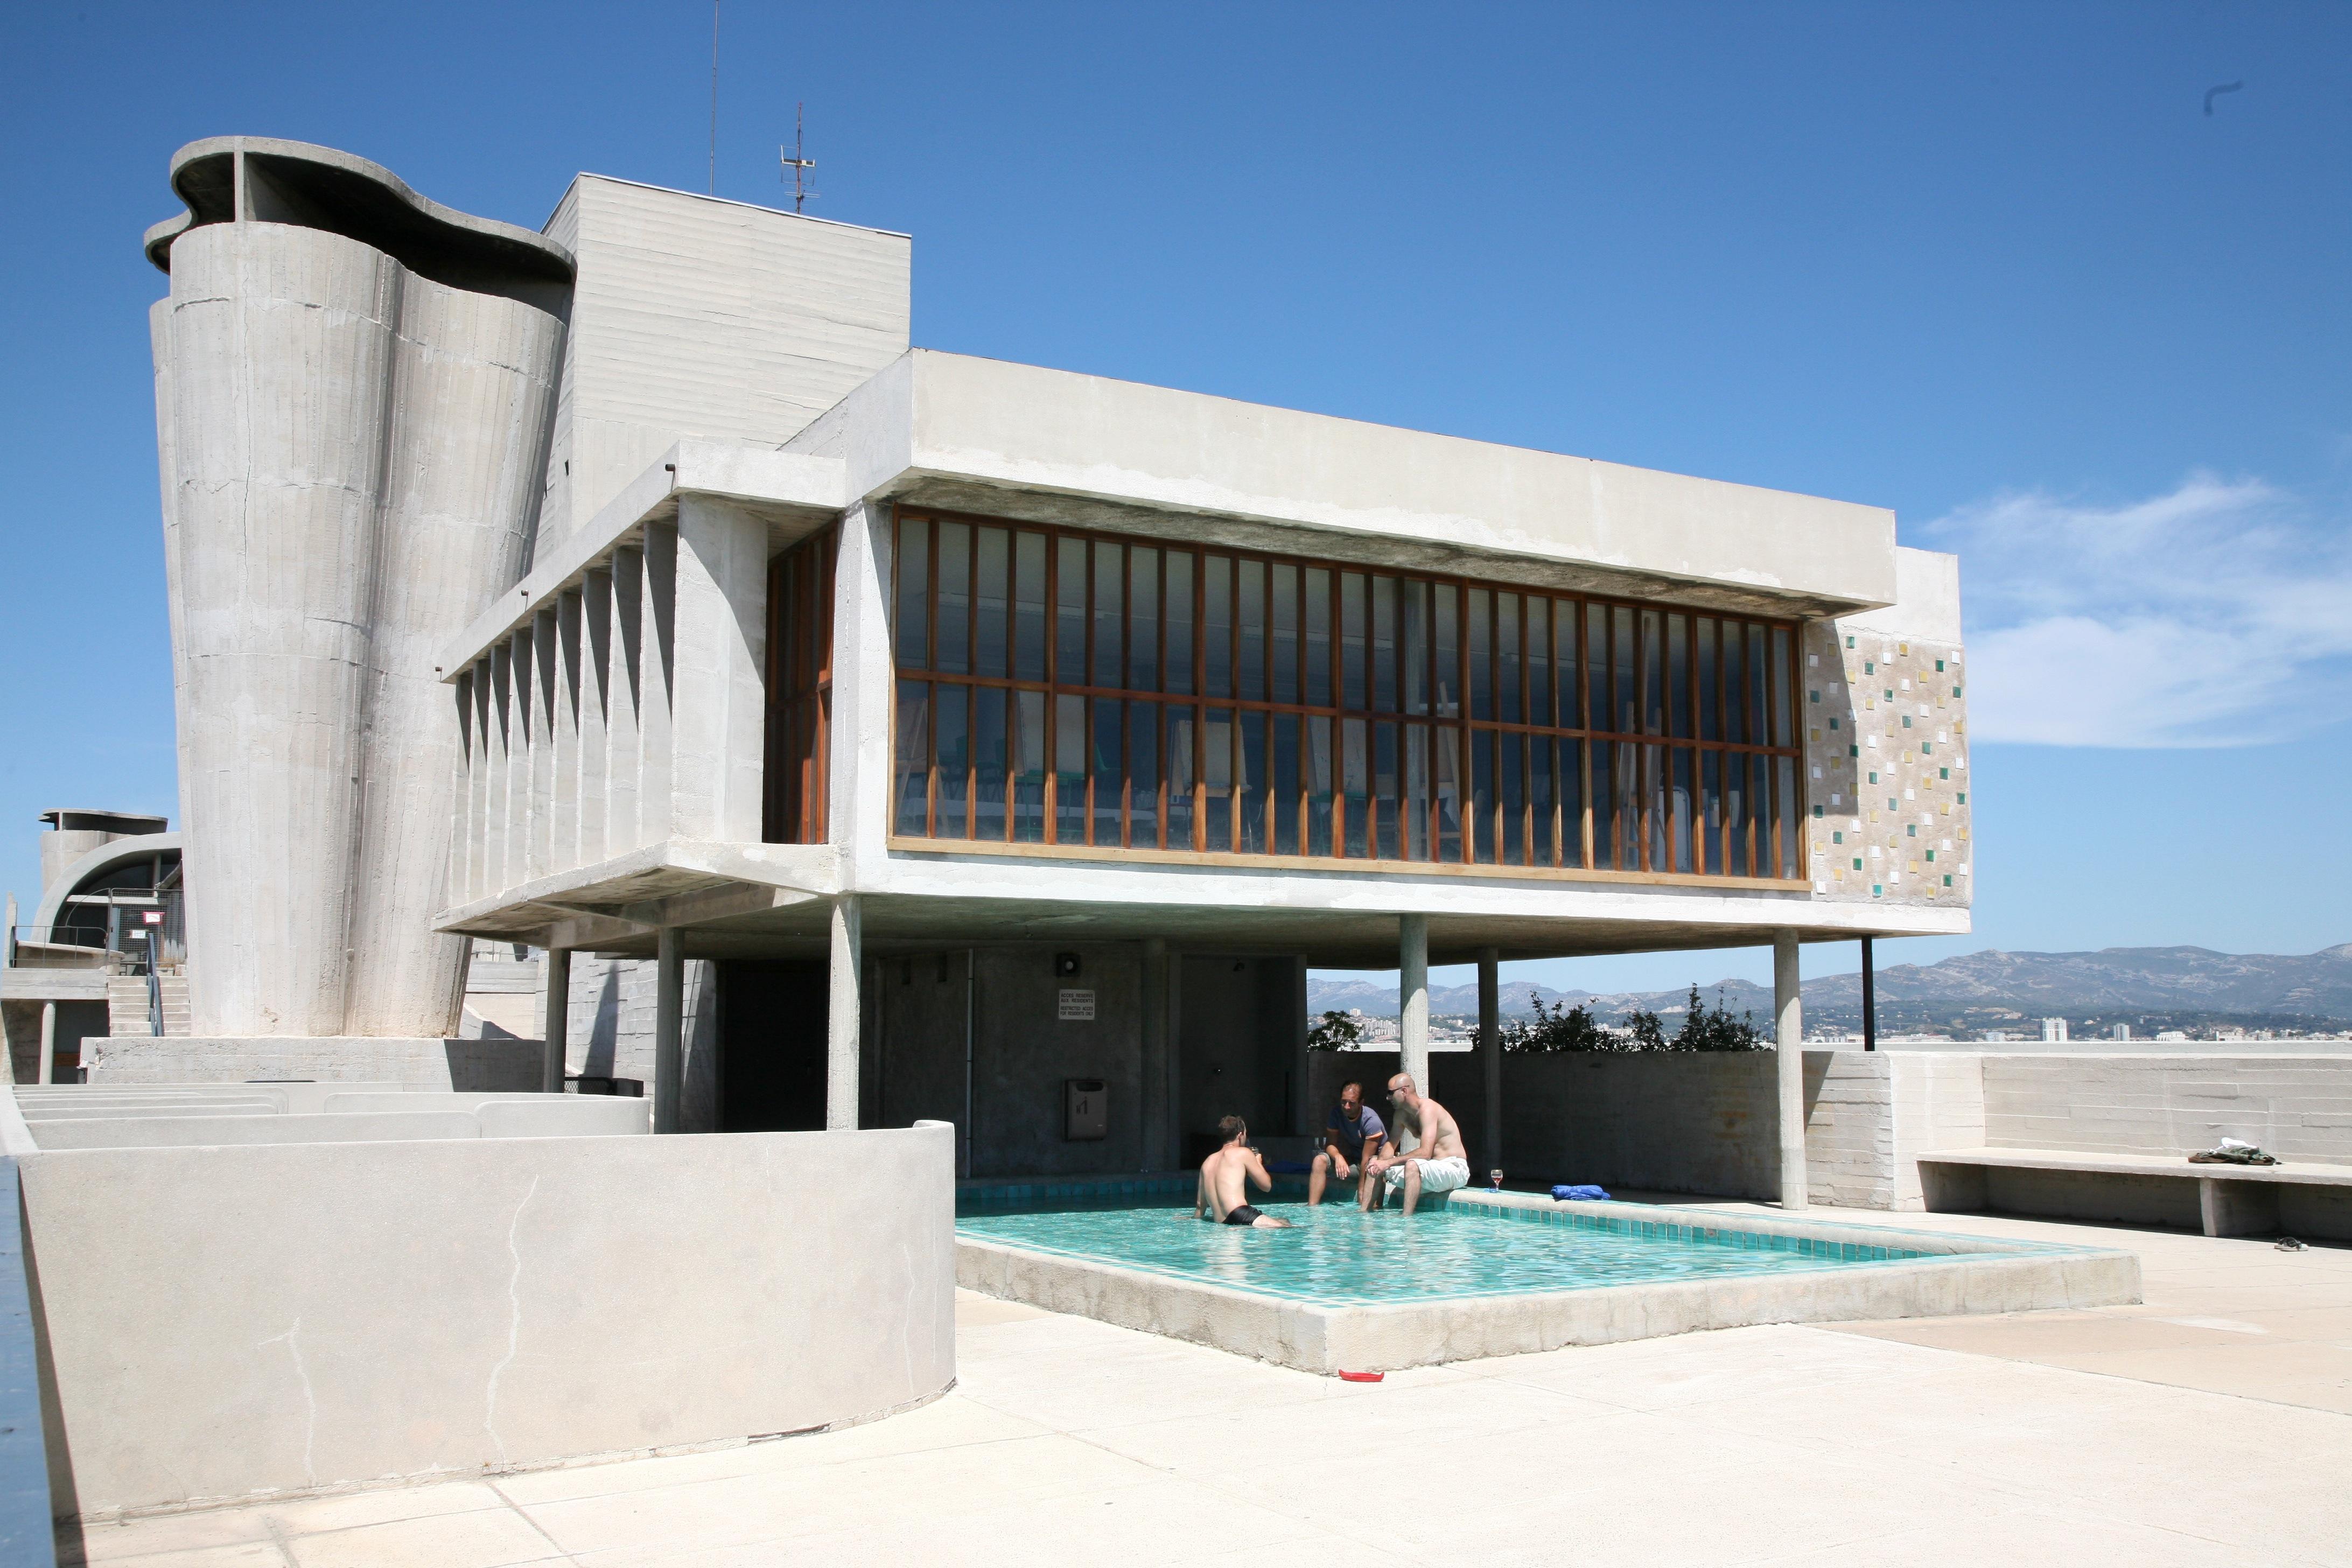 Unit 233 D Habitation Le Corbusier S Proto Brutalist Urban